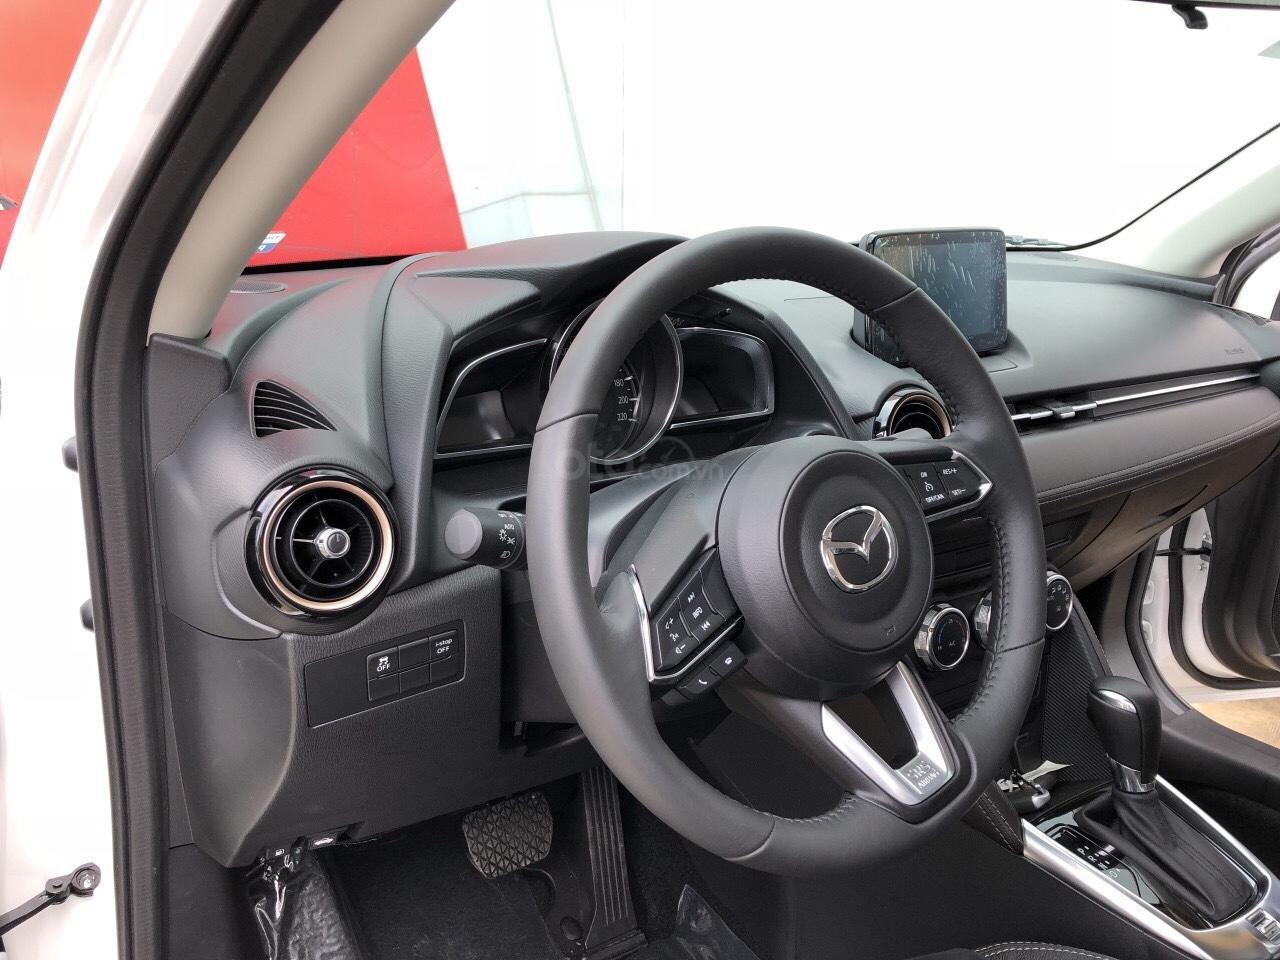 Mazda Hà Đông bán xe Mazda 2 đủ màu, đủ phiên bản giao ngay - LH: 0944601785 để nhận thêm ưu đãi-4